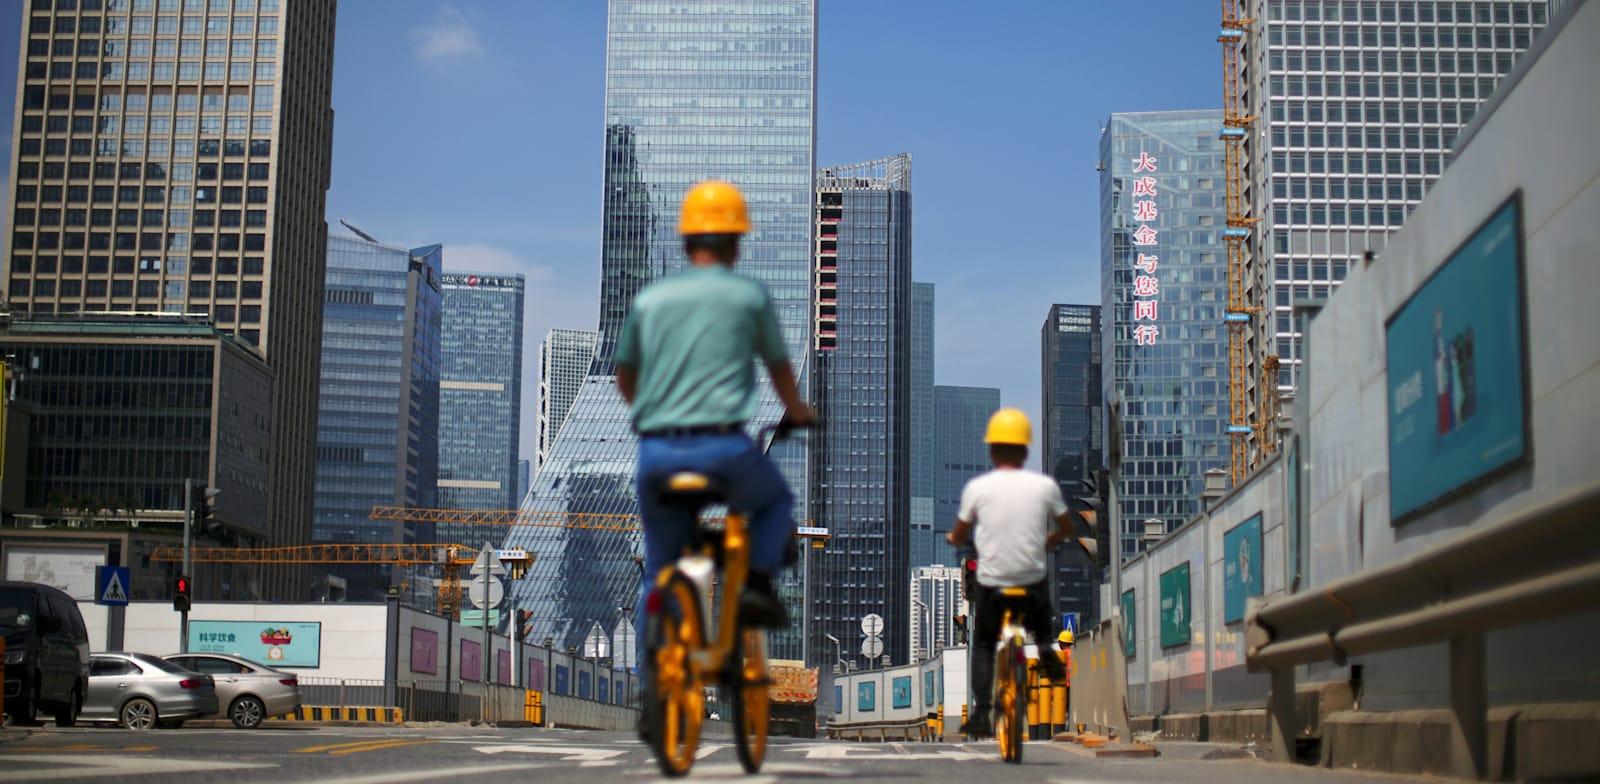 פועלי בניין רוכבים על אופניים בדרך לעבודה ליד מטה אוורגרנד בשנזן, ספטמבר / צילום: Reuters, CARLOS GARCIA RAWLINS